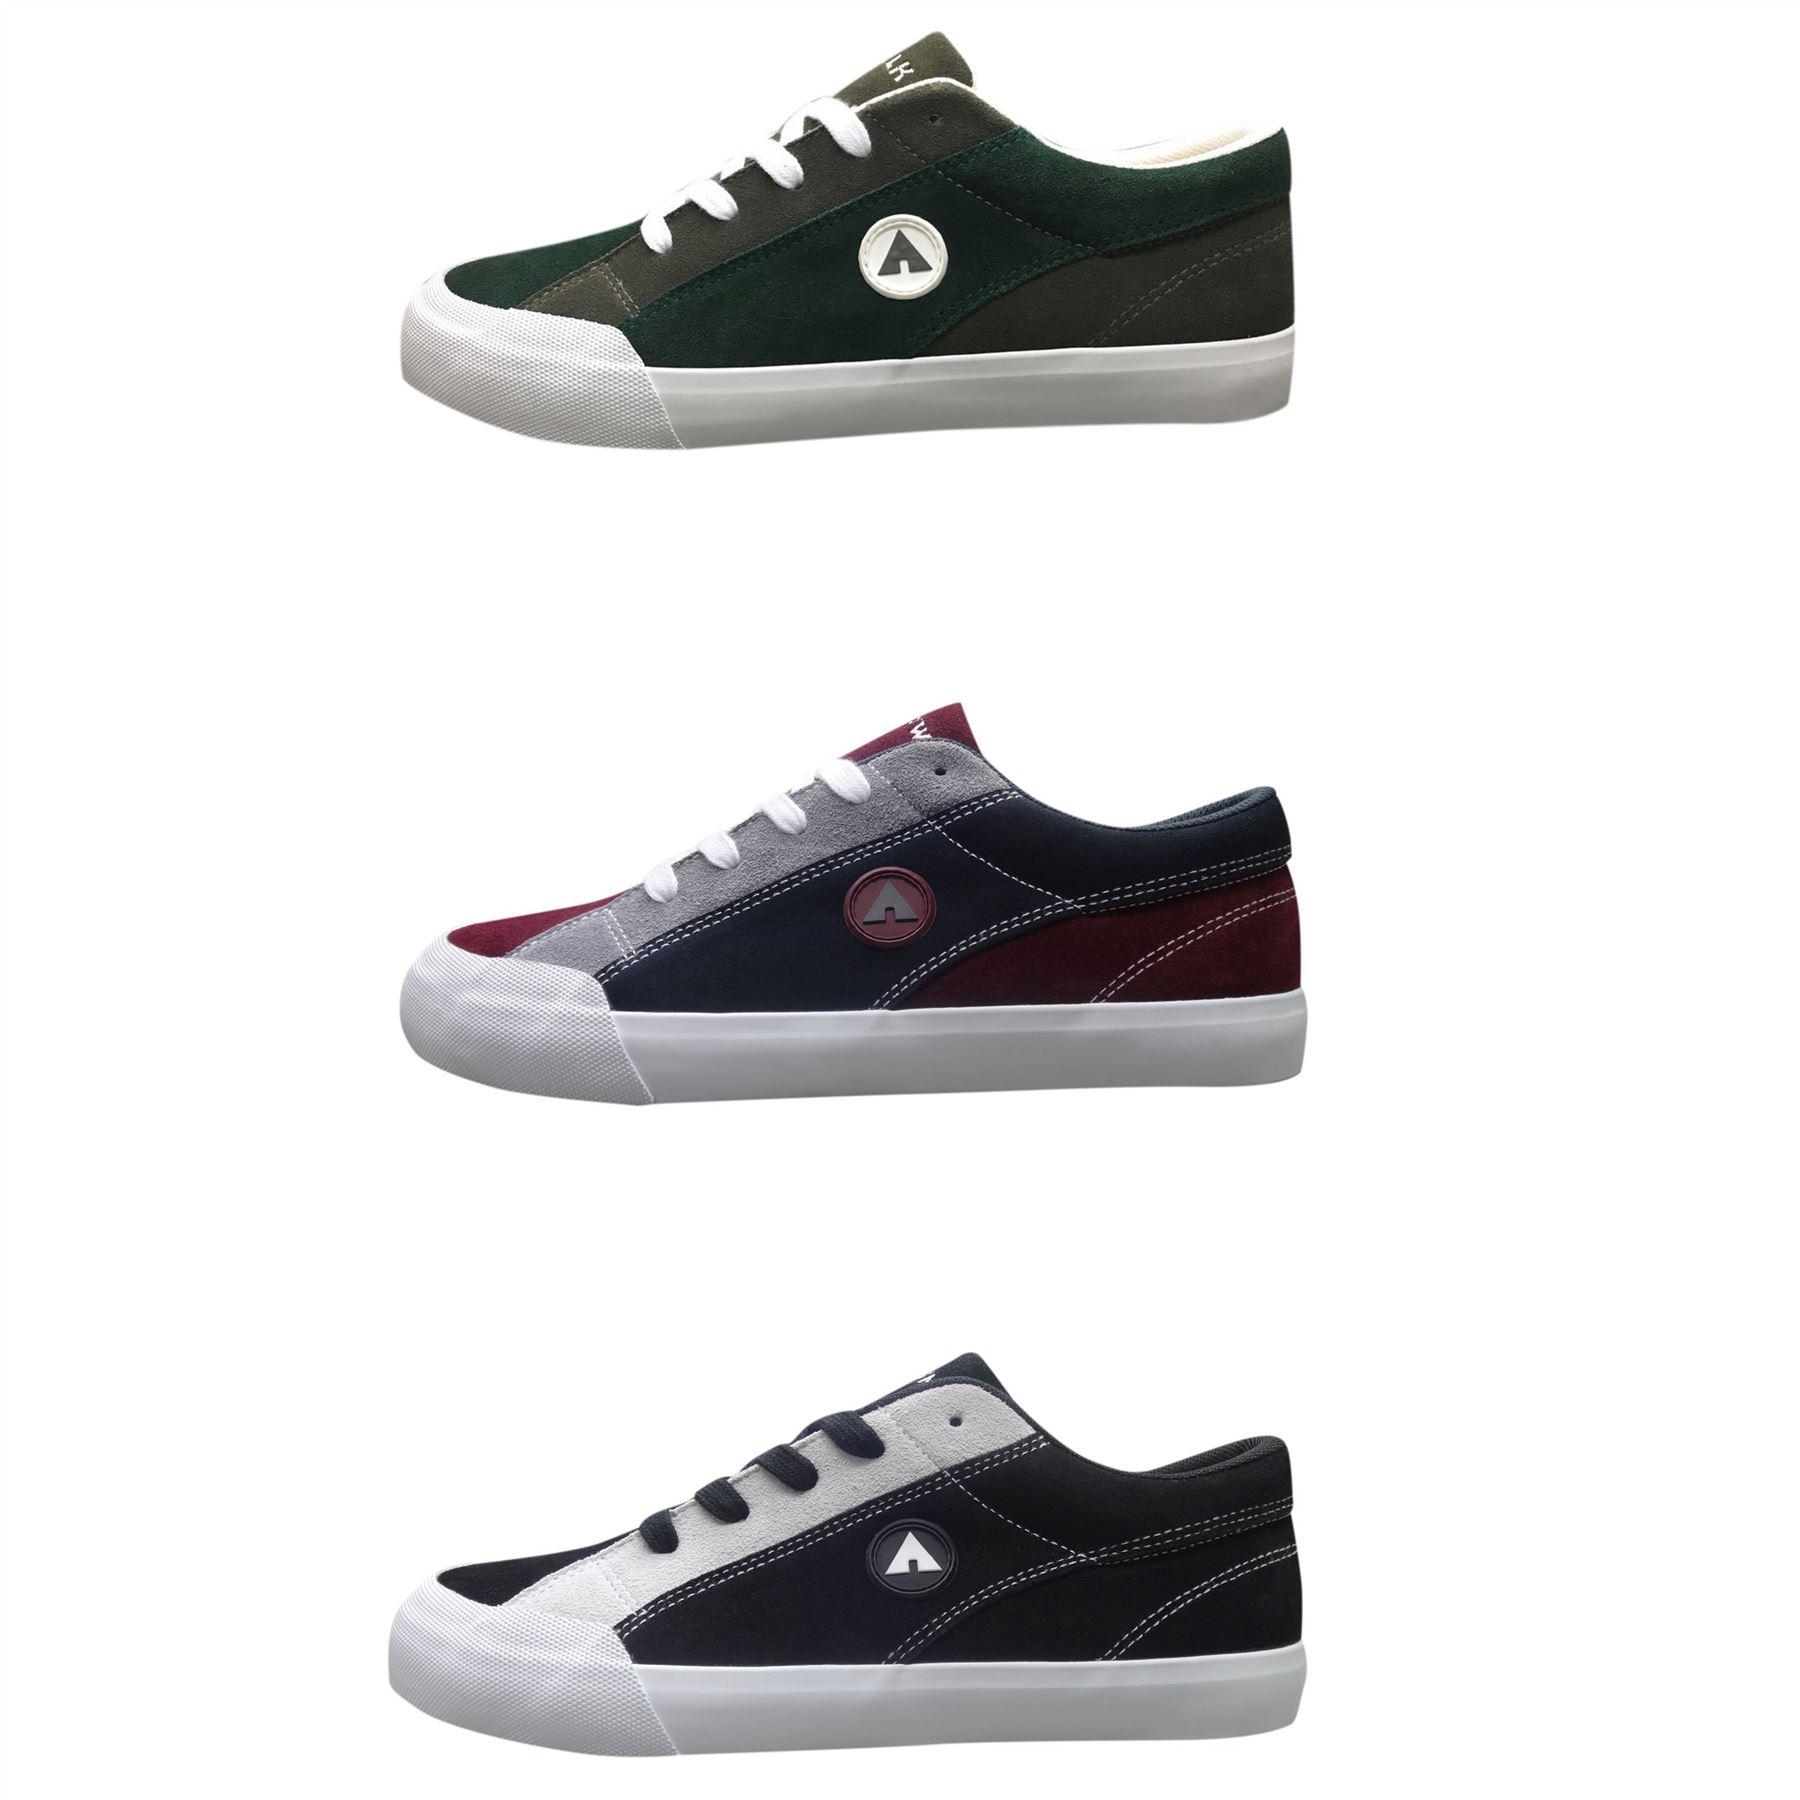 9a114ada9 Airwalk Skate Shoes Mens Skateboarding Trainers Footwear